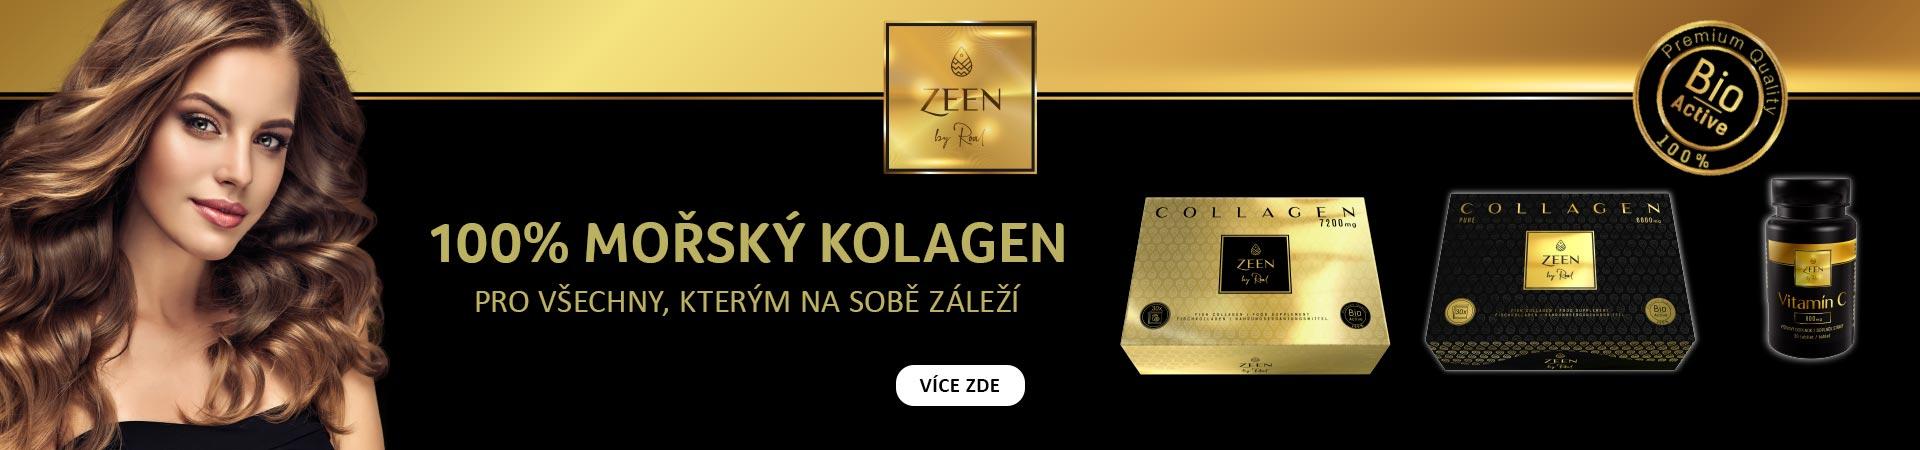 Zen collagen